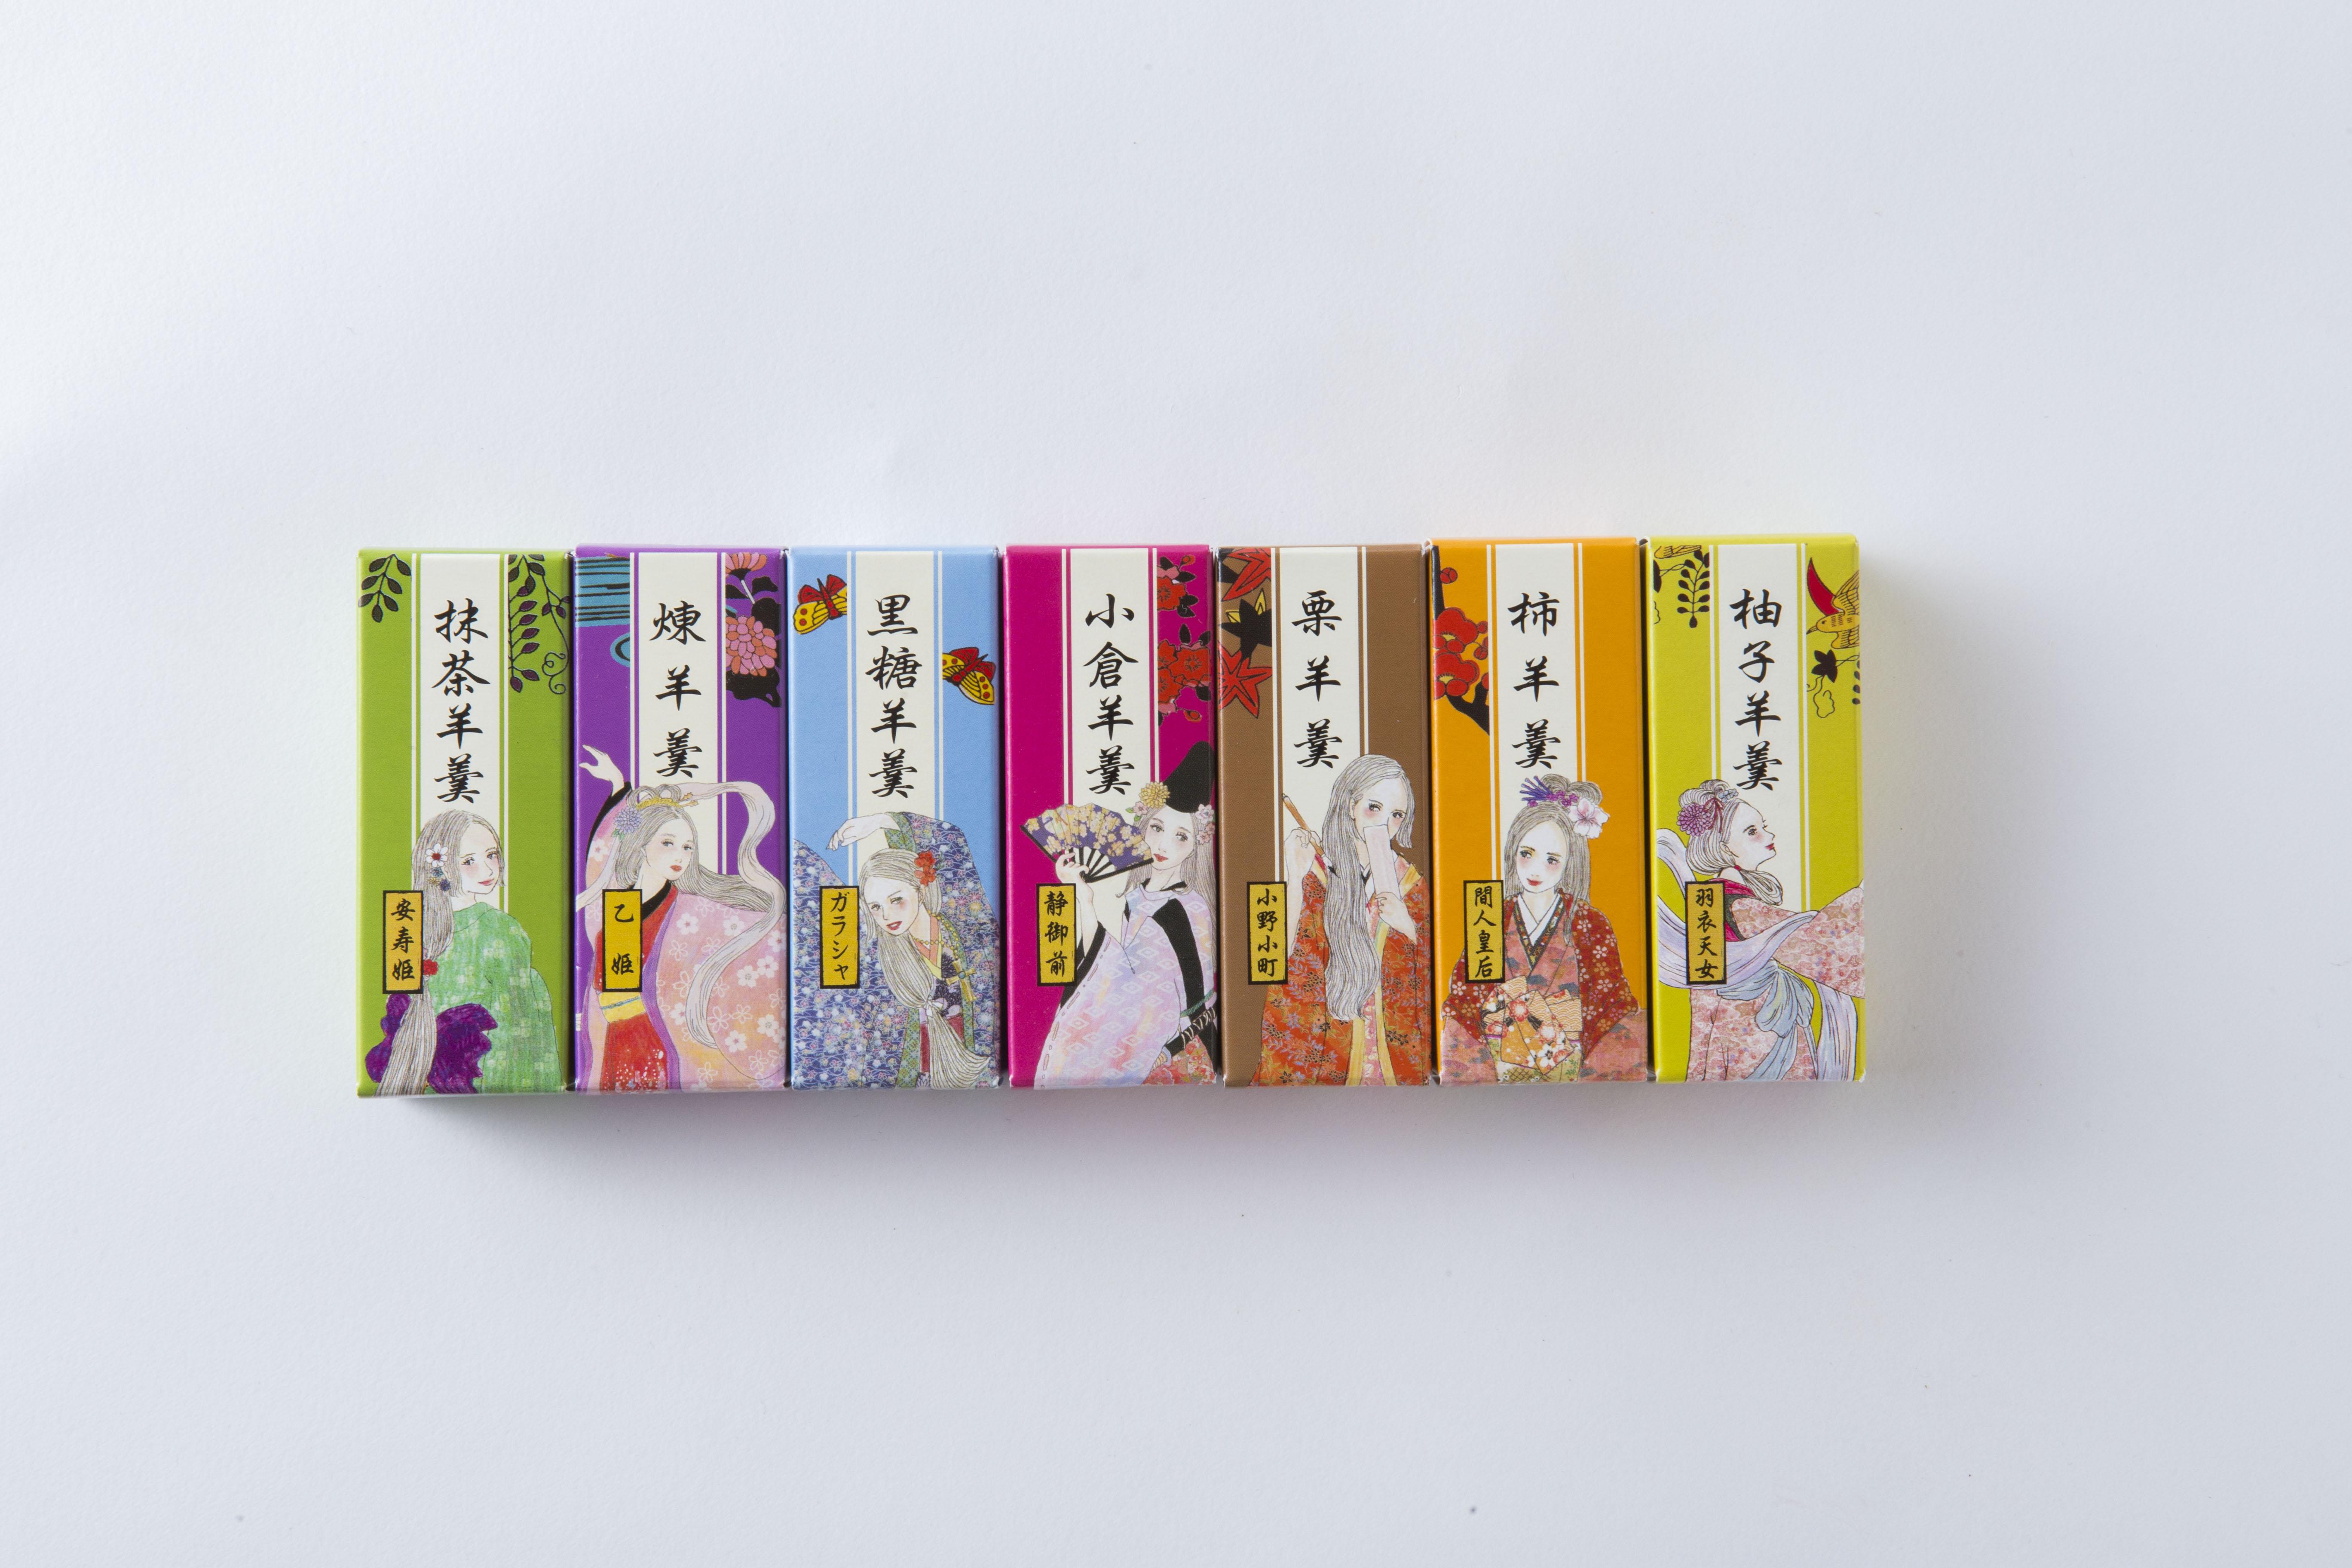 京都丹後の「丹後七姫」を彩る、道の駅丹後王国「食のみやこ」オリジナル一口羊羹